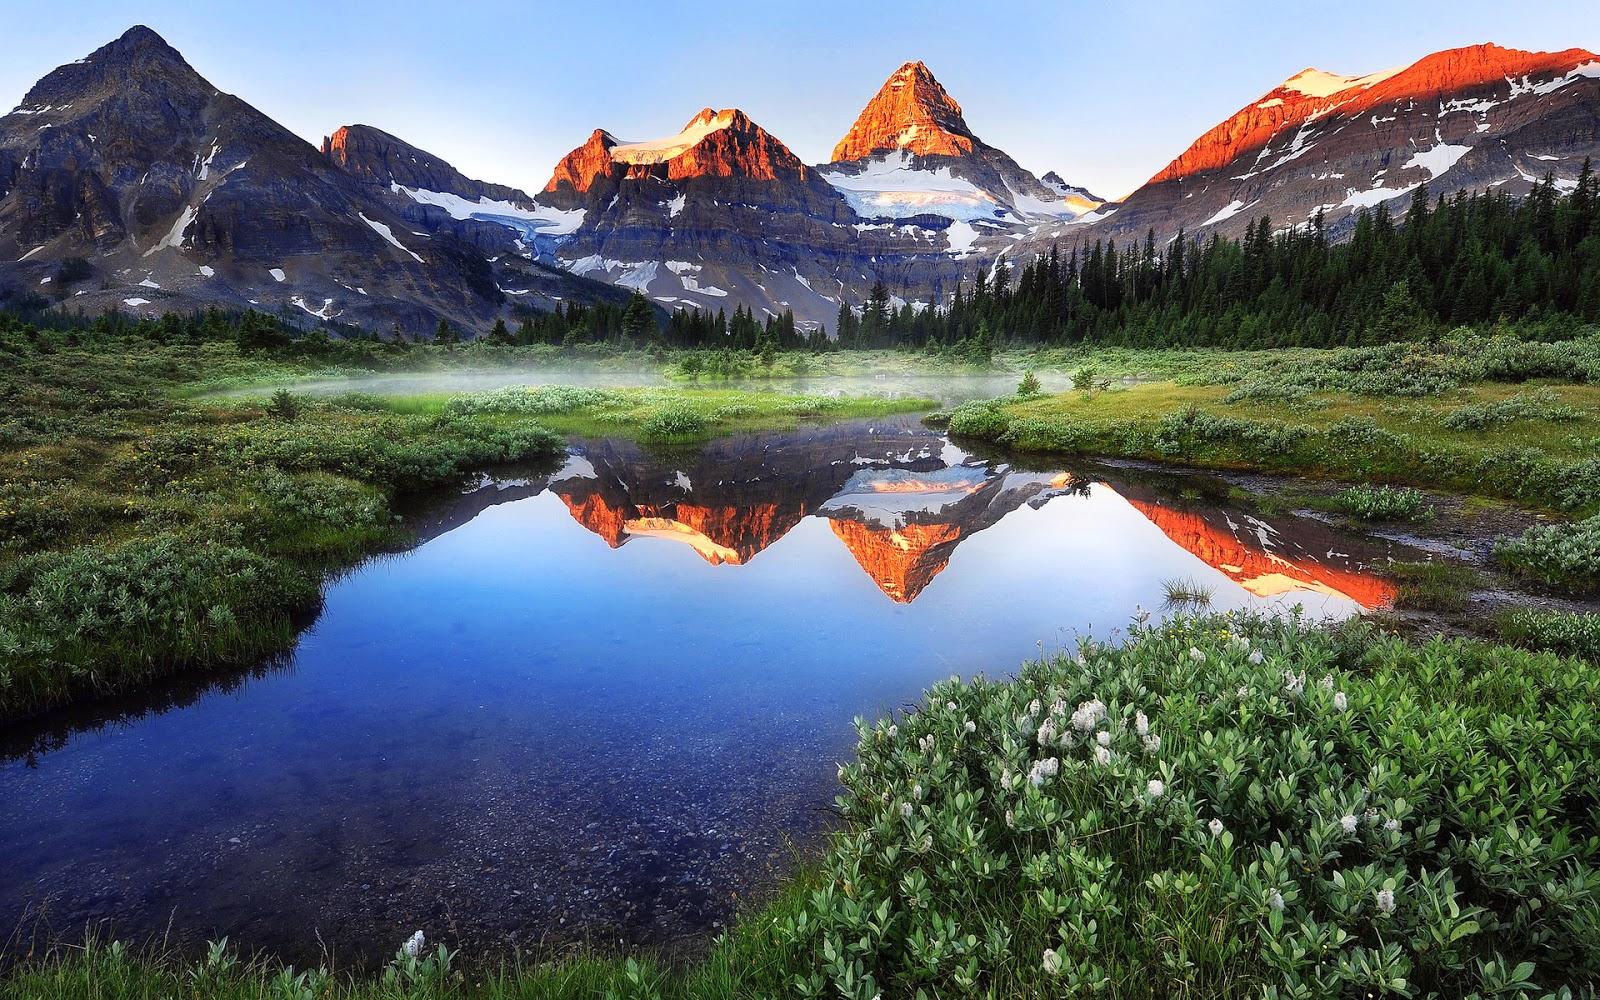 Lago Con Montañas Nevadas Hd: BANCO DE IMÁGENES: Lago Junto A Las Montañas Nevadas